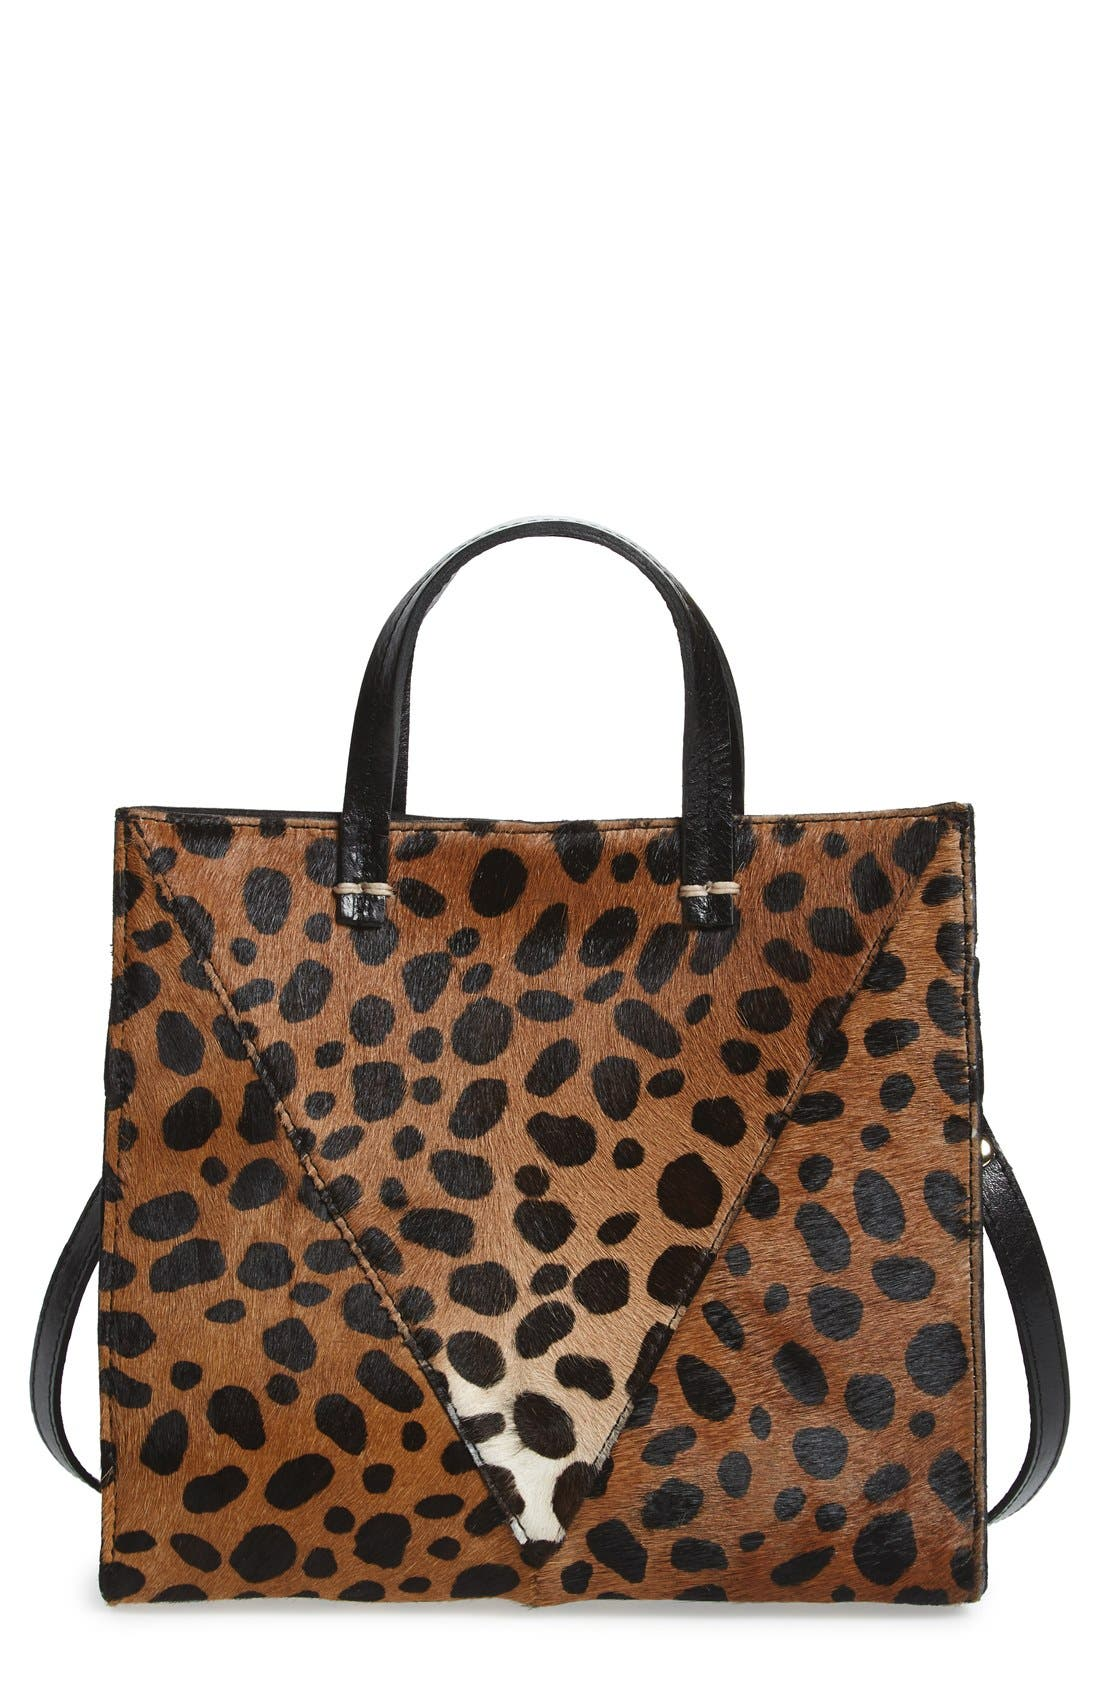 'Petit Simple' Leopard Print Genuine Calf Hair Tote,                             Main thumbnail 1, color,                             200